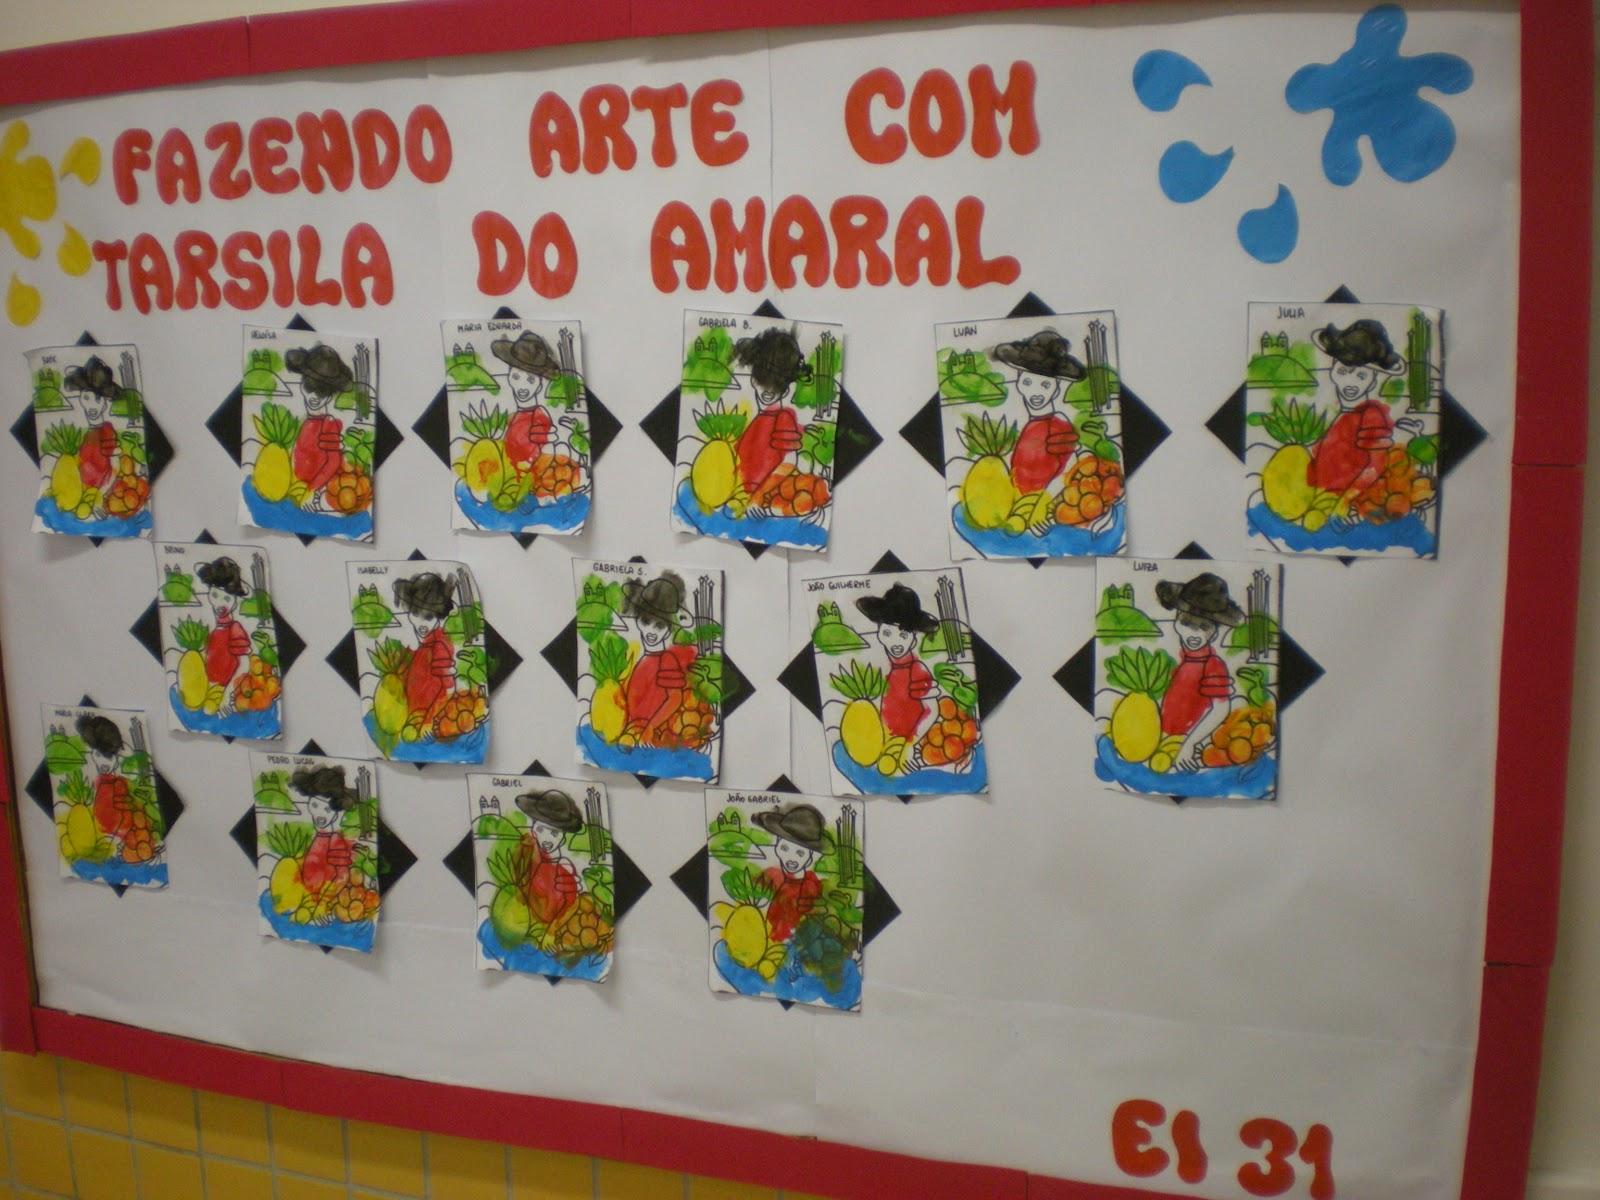 Espaco De Desenvolvimento Infantil Samira Pires Ribeiro